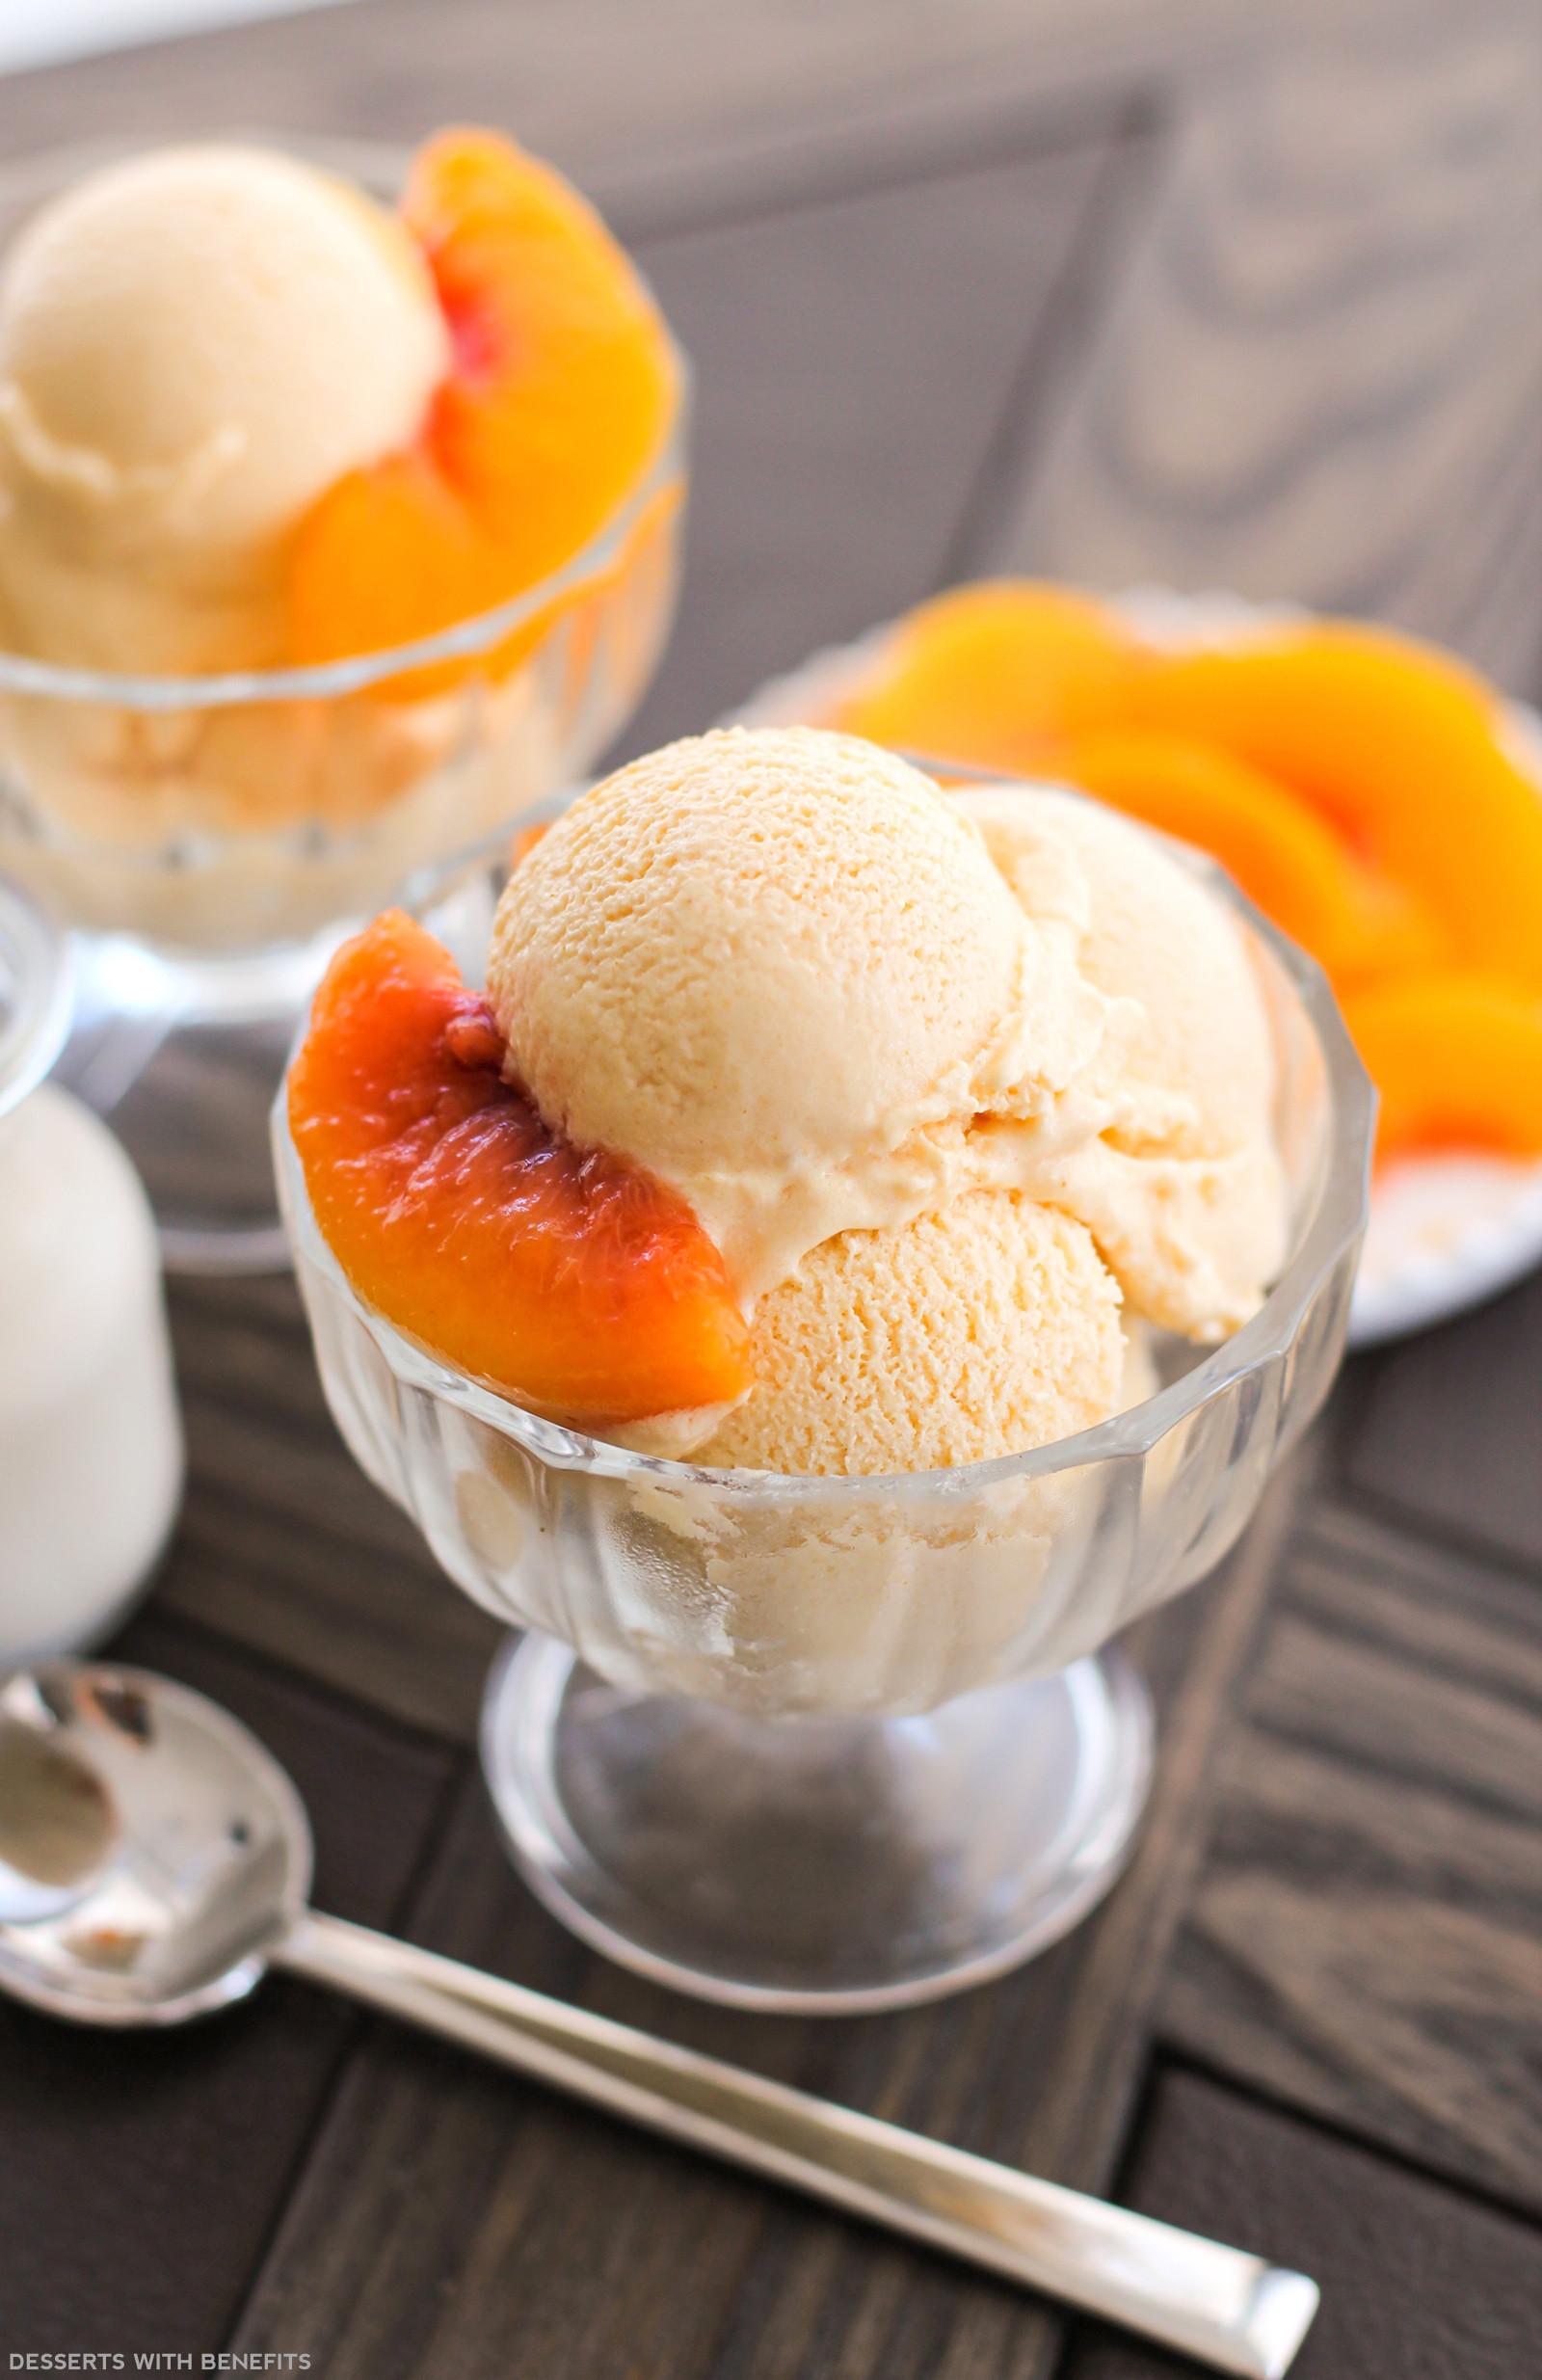 Desserts With Peaches  Healthy Peaches and Cream Ice Cream Recipe No Sugar Added